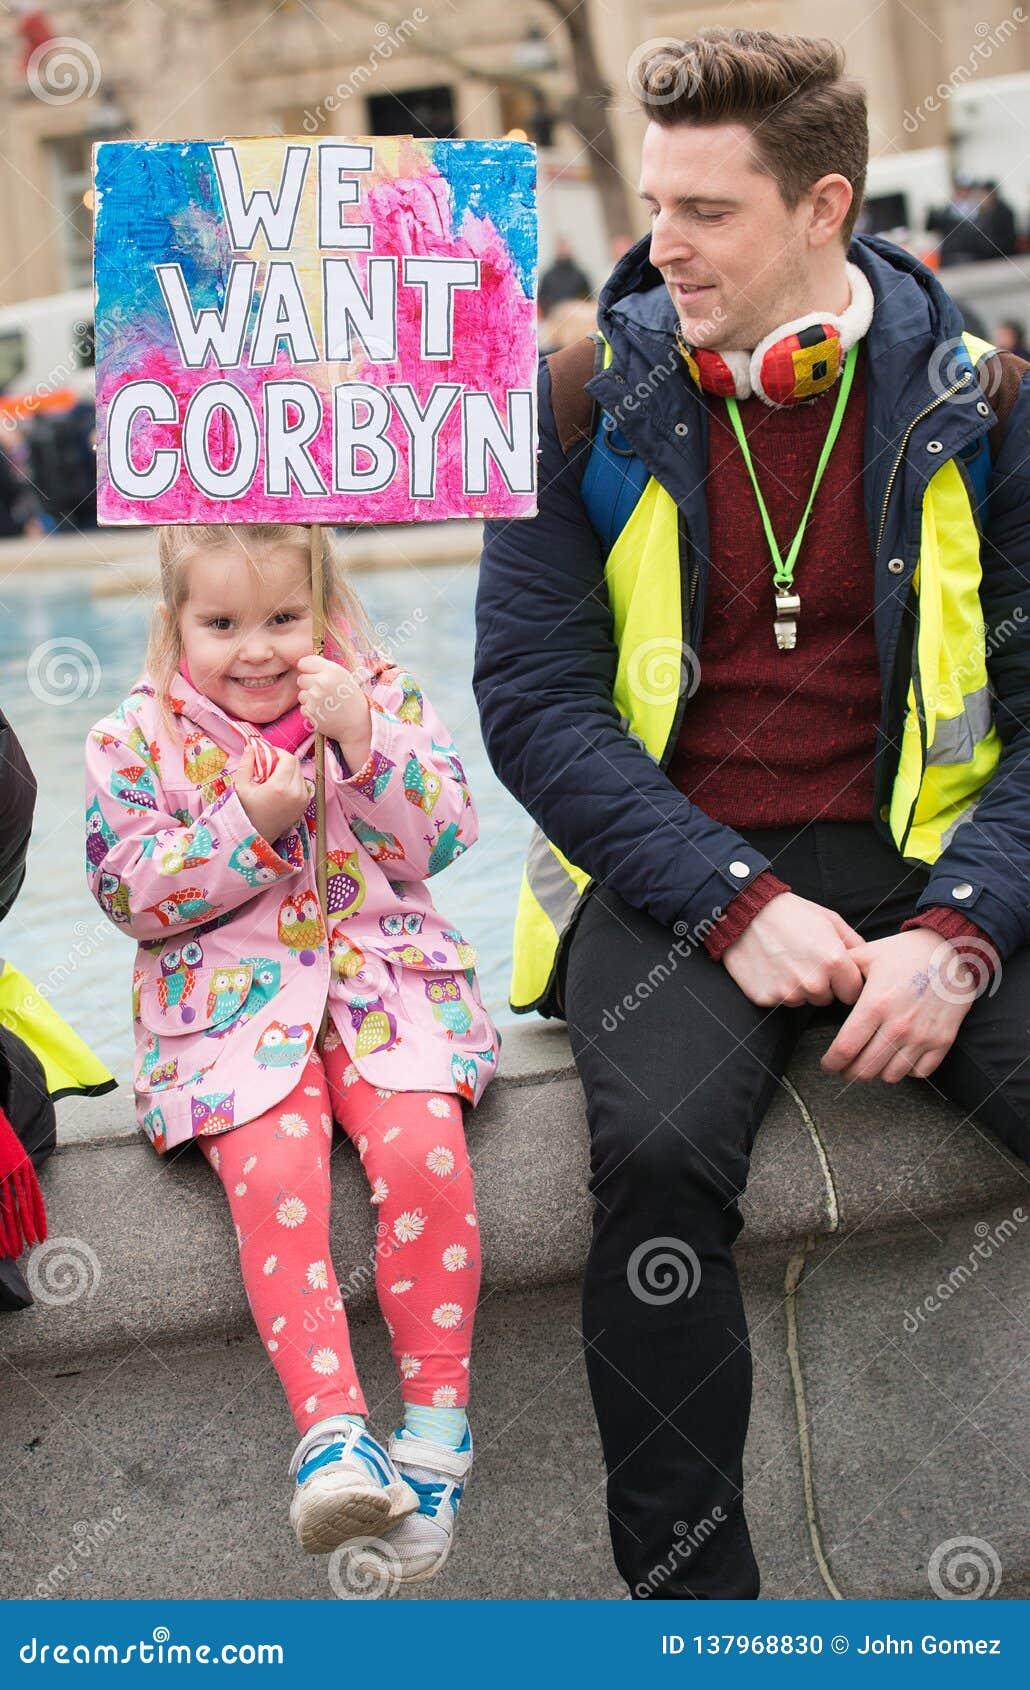 El manifestante con el cartel en la Gran Bretaña ahora está roto/de la elección general demonstratio en Londres